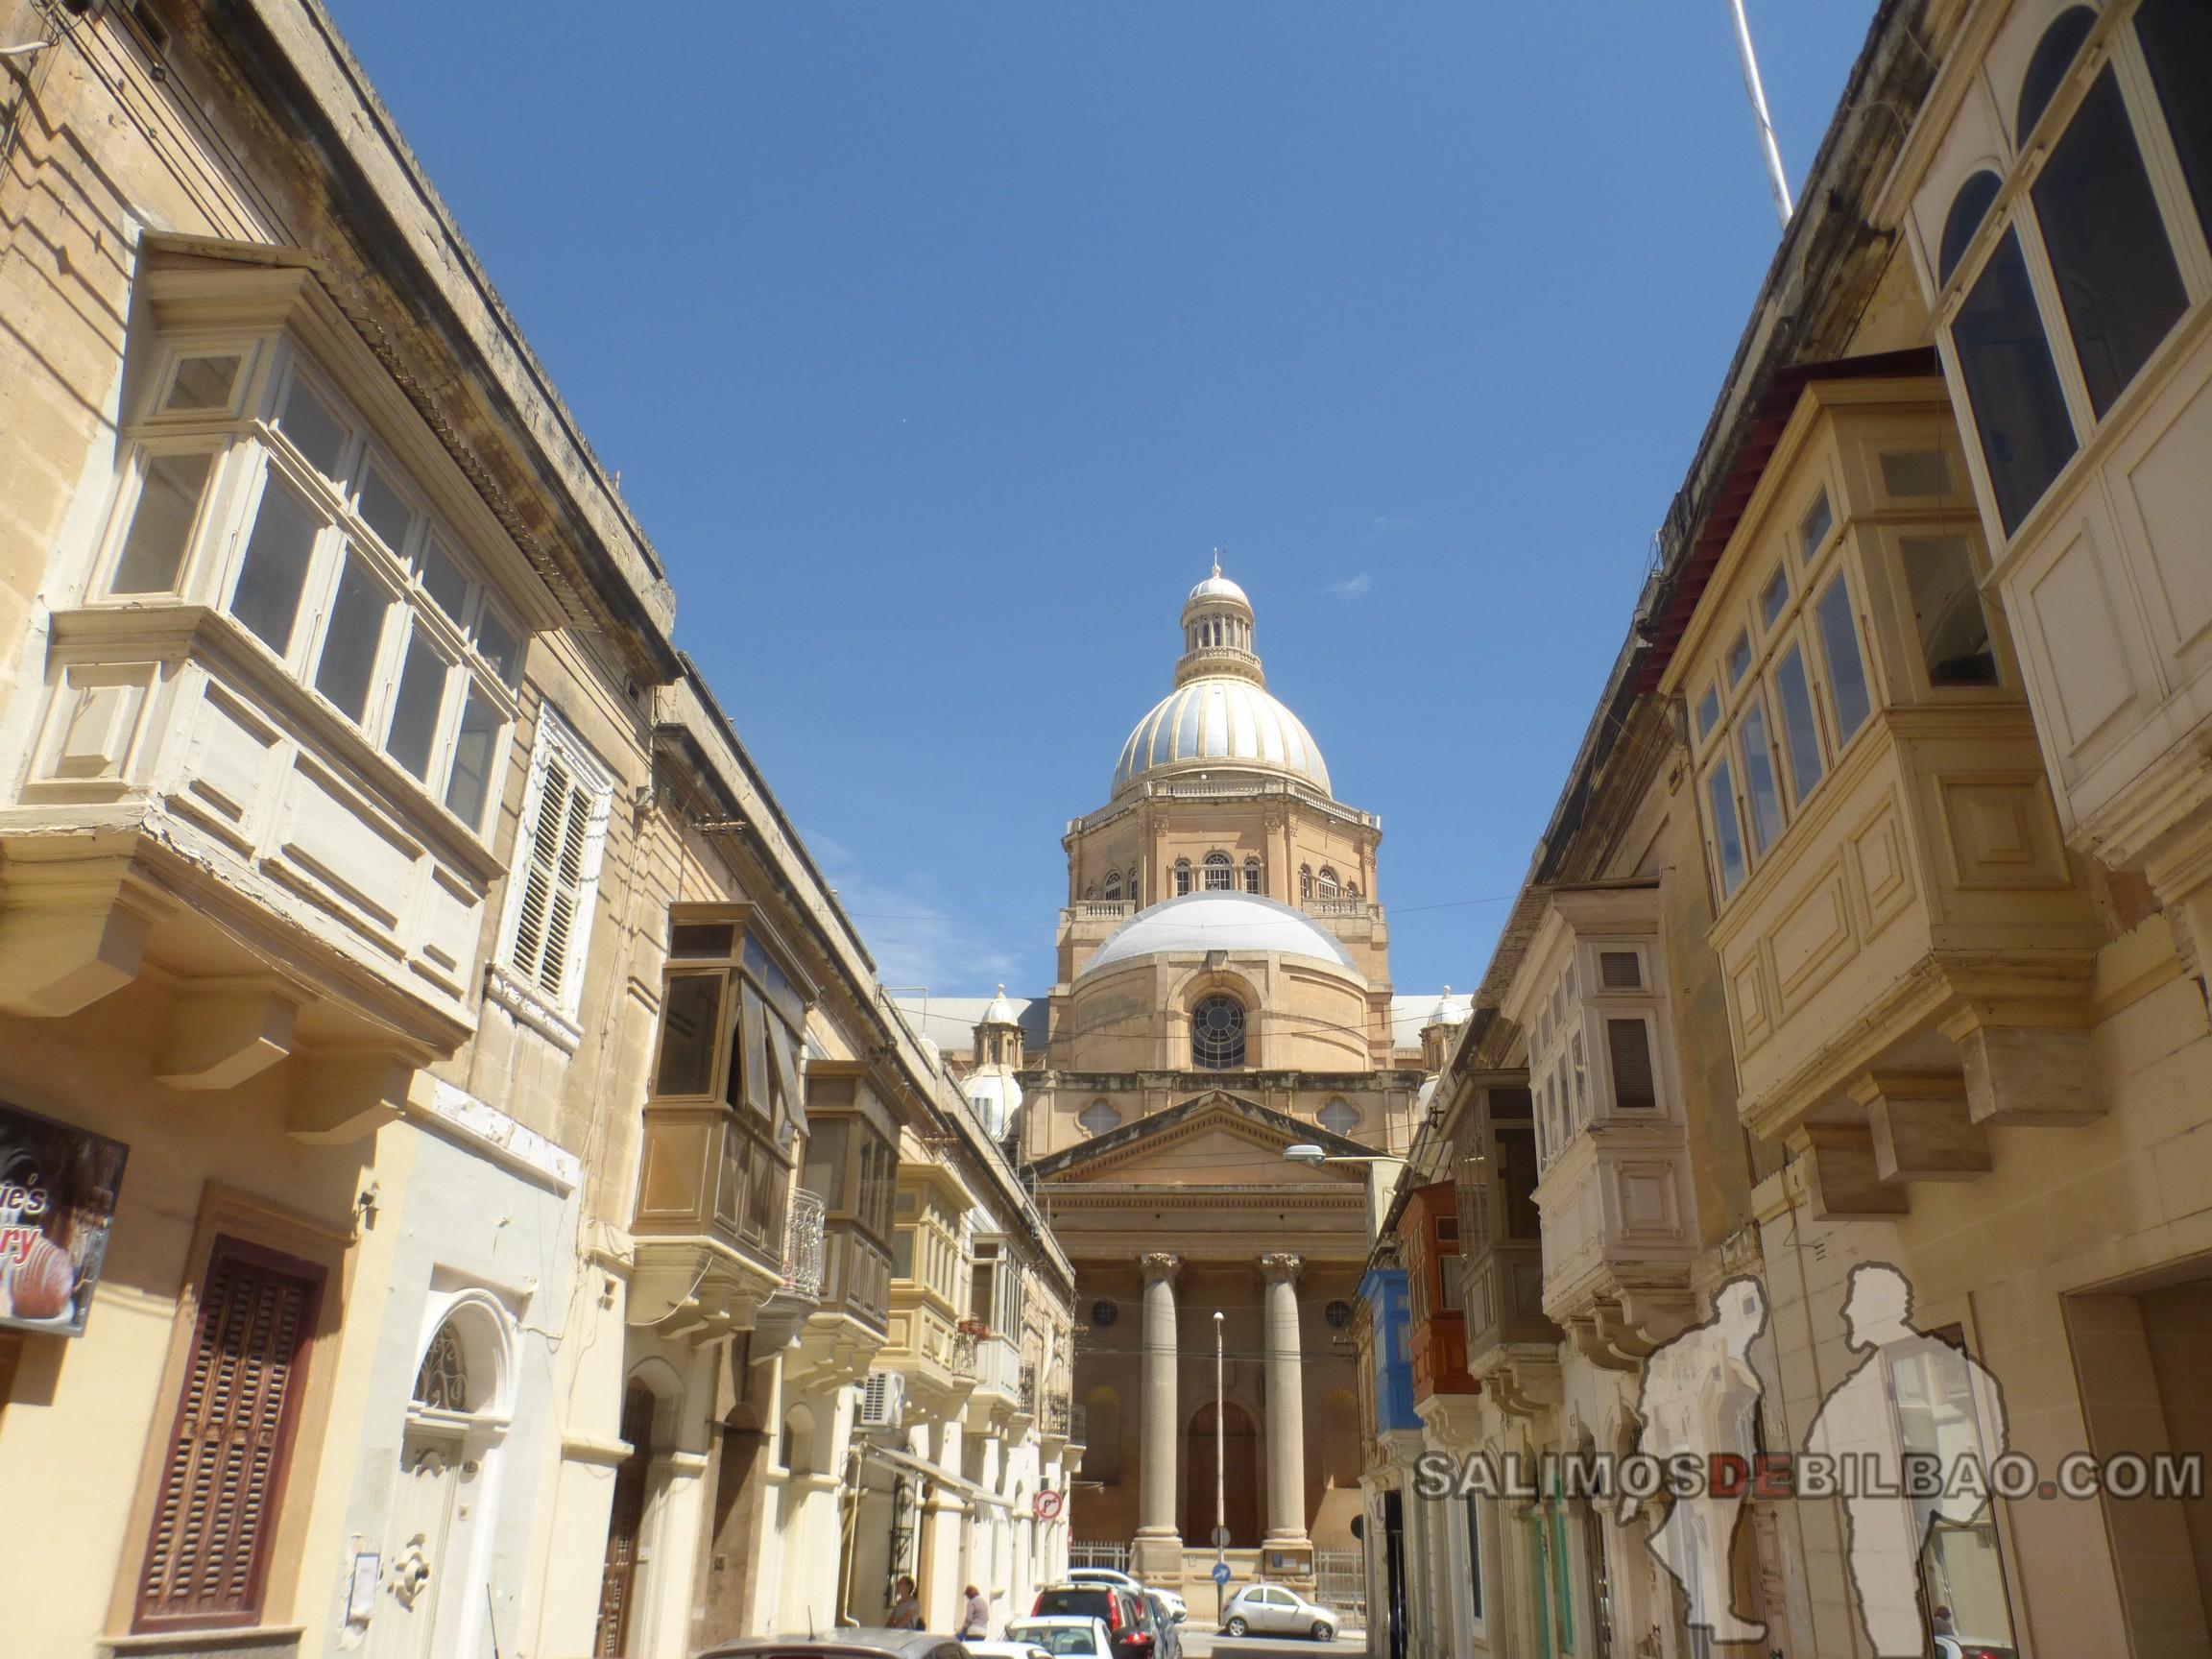 0692. Iaglesia, Tarxien, Malta